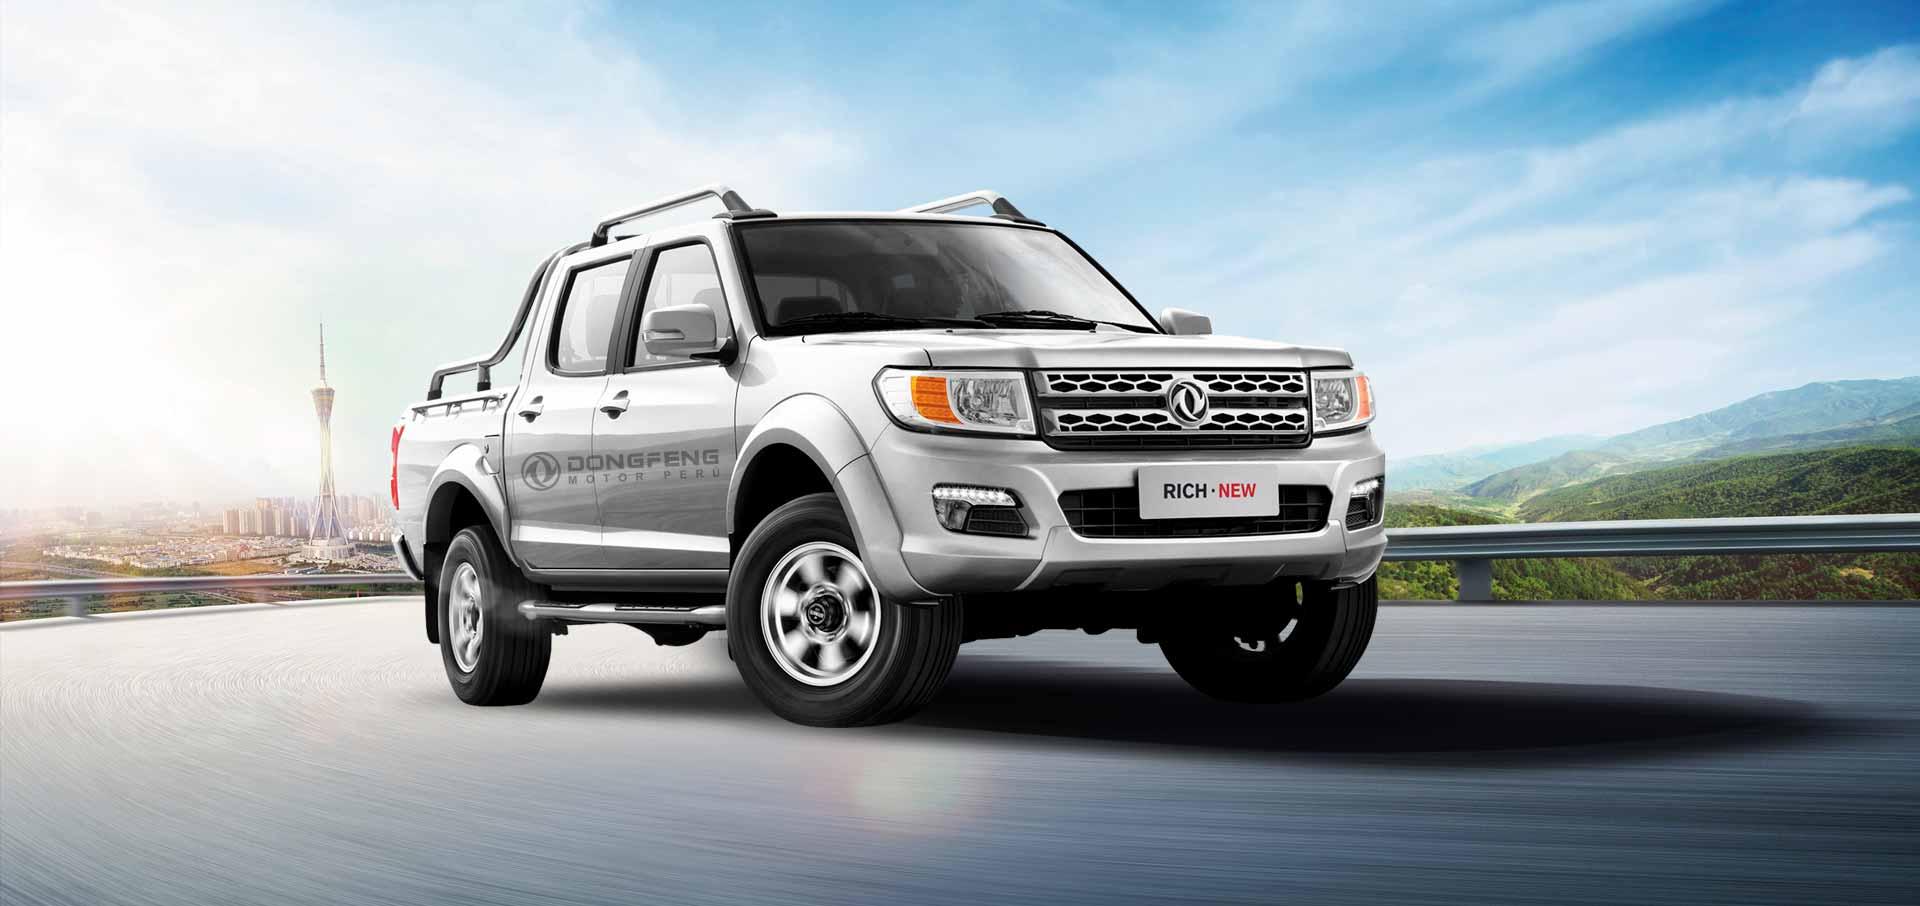 PICK UP Tecnologia Nissan 2.5L/5MT, 5 asientos, 5 años de garantía o 120 000 km.